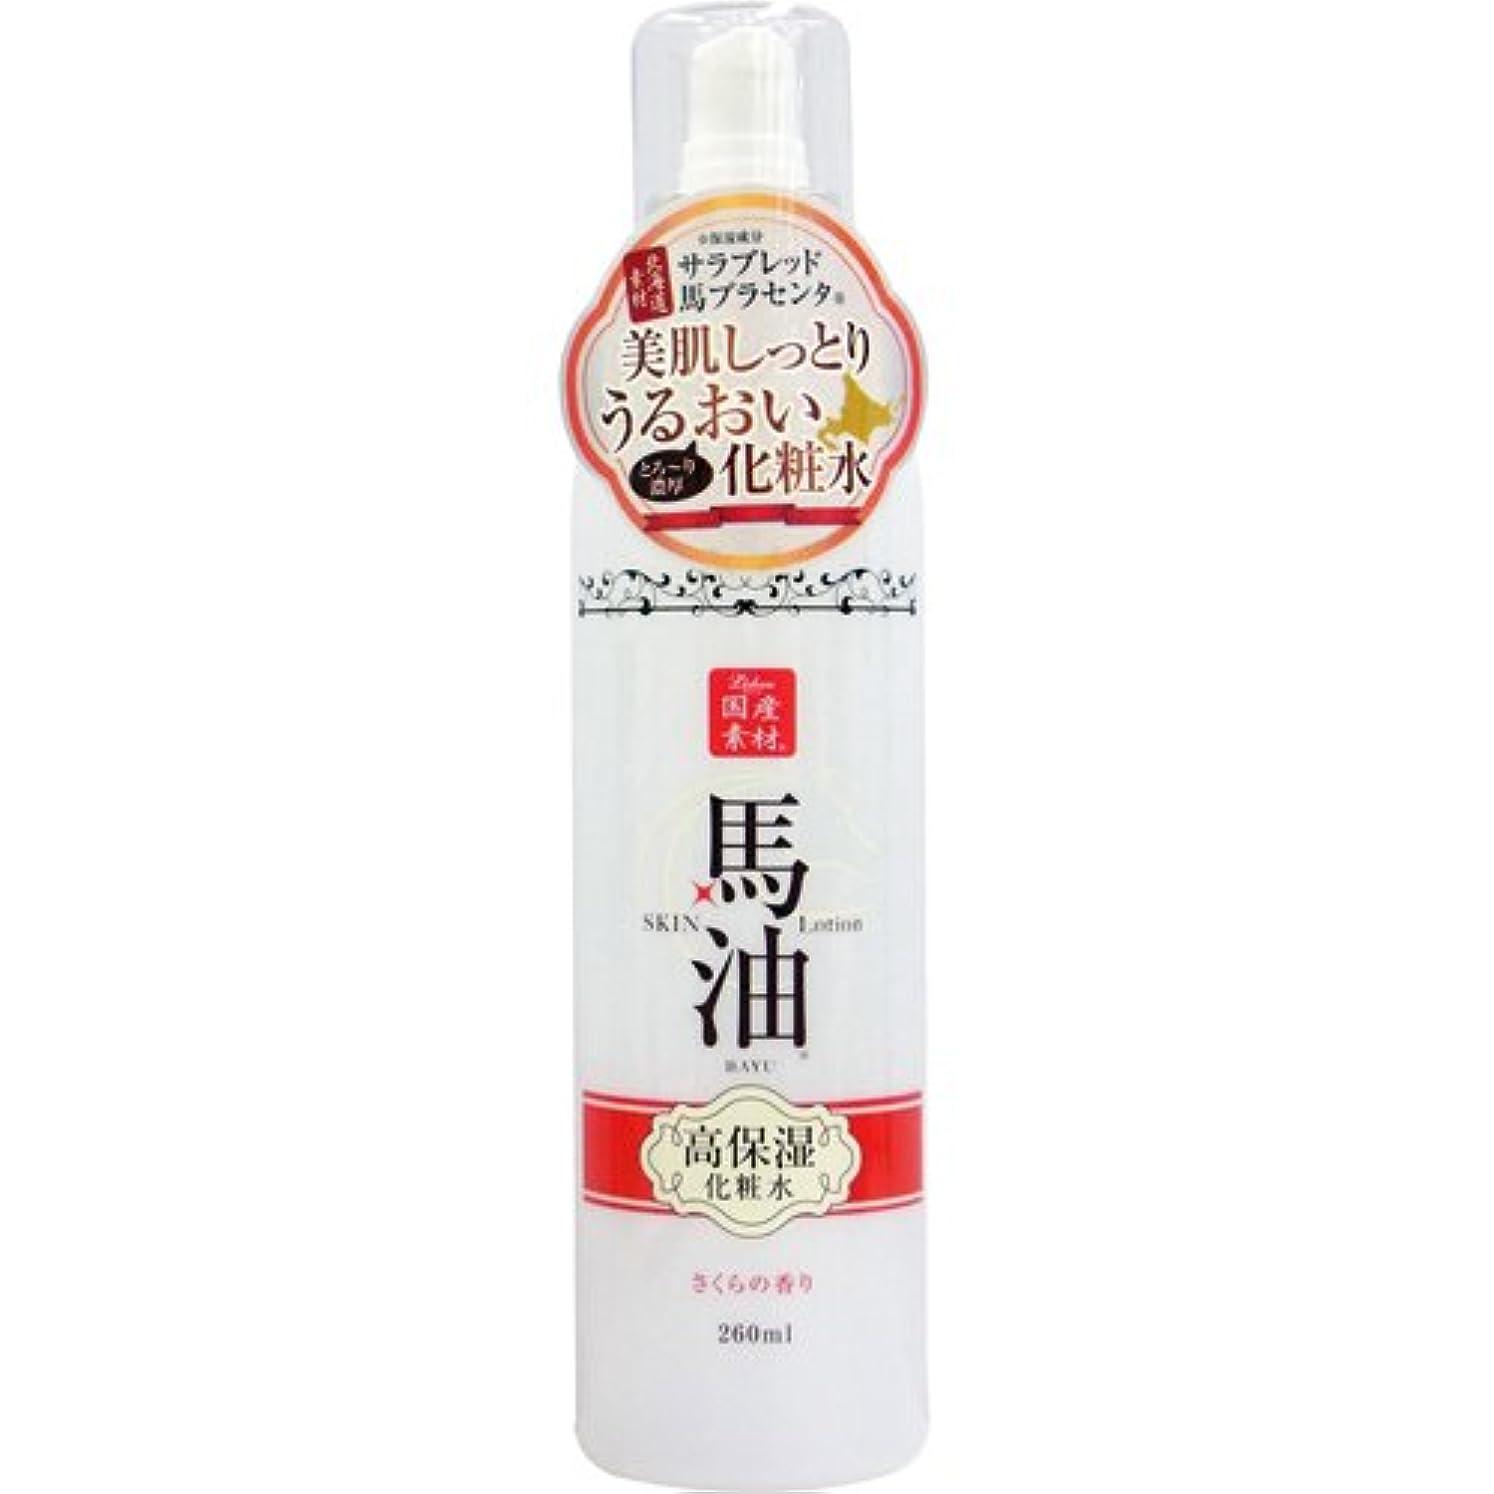 国歌予備トロリーリシャン 馬油化粧水 (さくらの香り) (260mL)